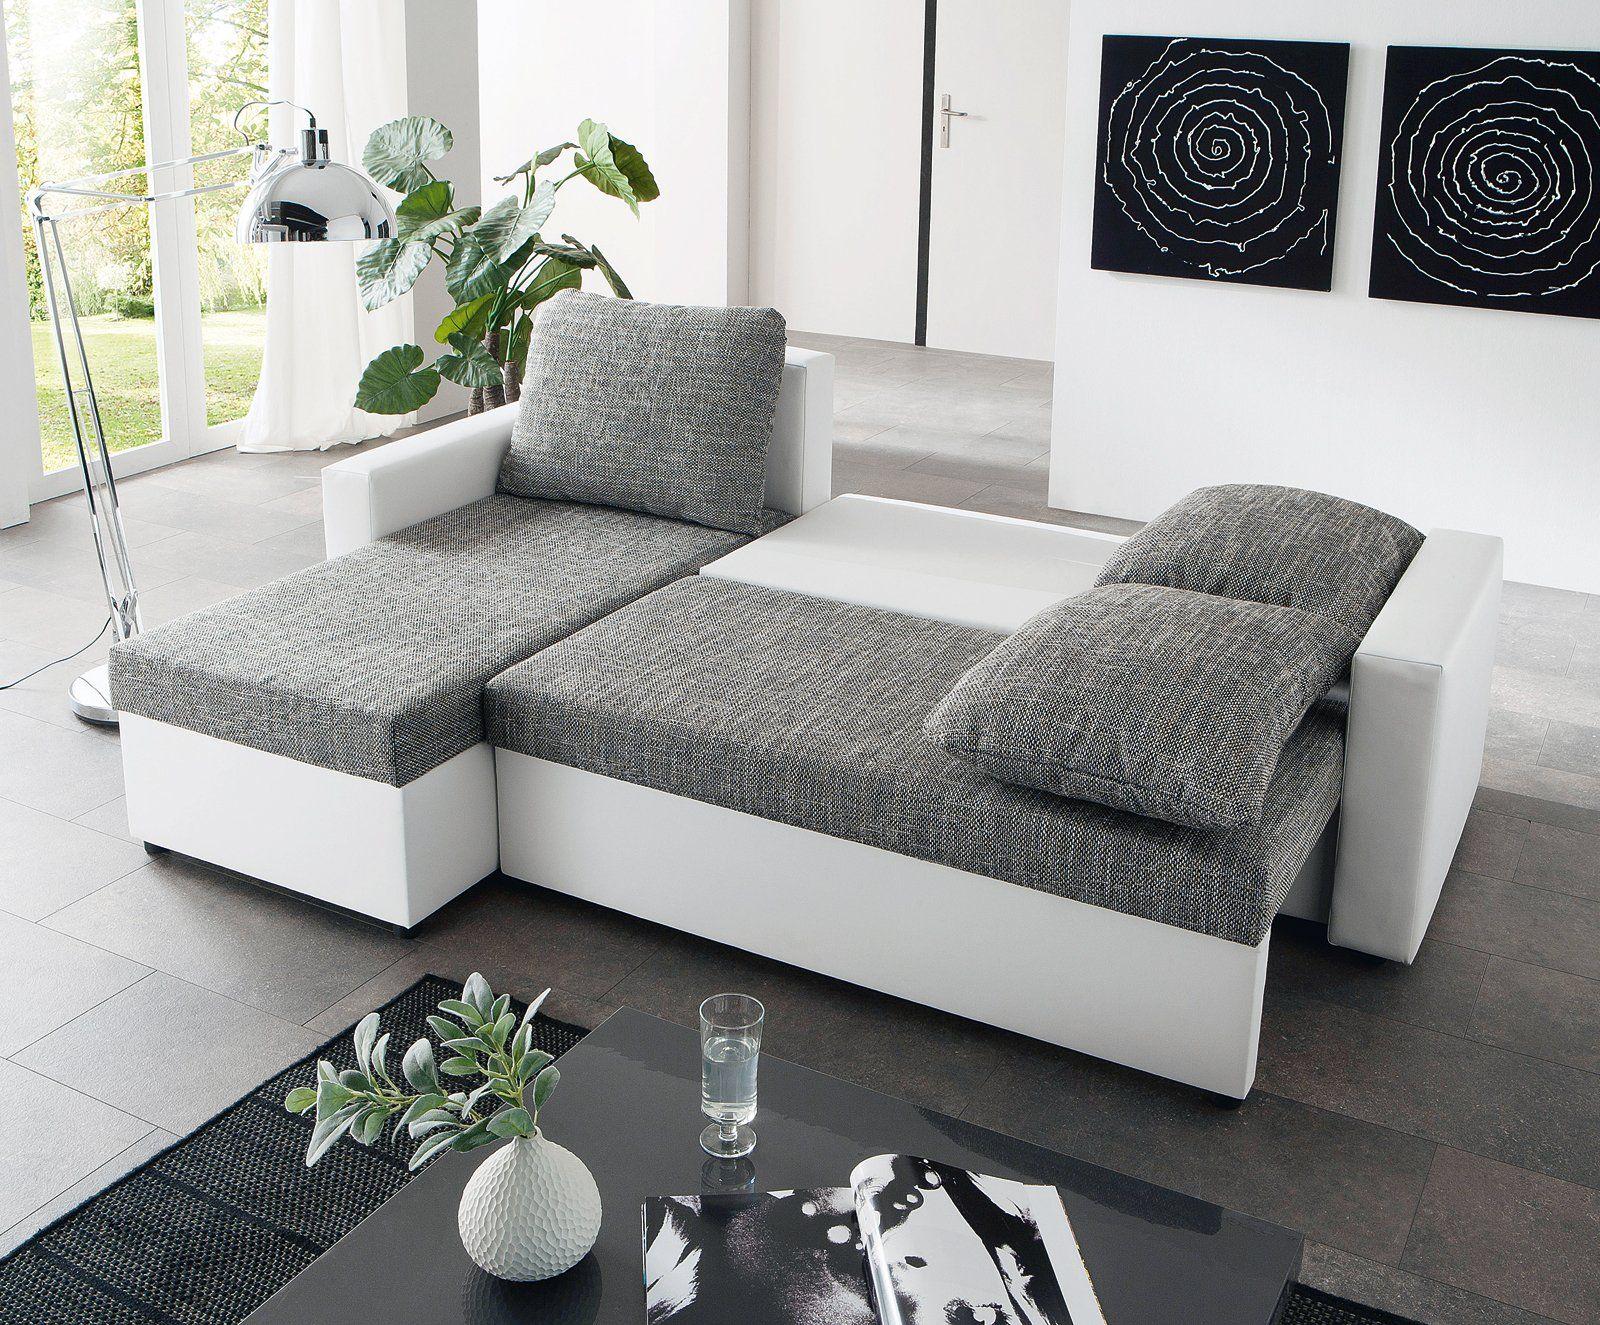 Schau Mal Was Ich Bei Roller Gefunden Habe Ecksofa Weiss Grau Liegefunktion In 2020 Ecksofa Weiss Grau Ecksofa Sofa